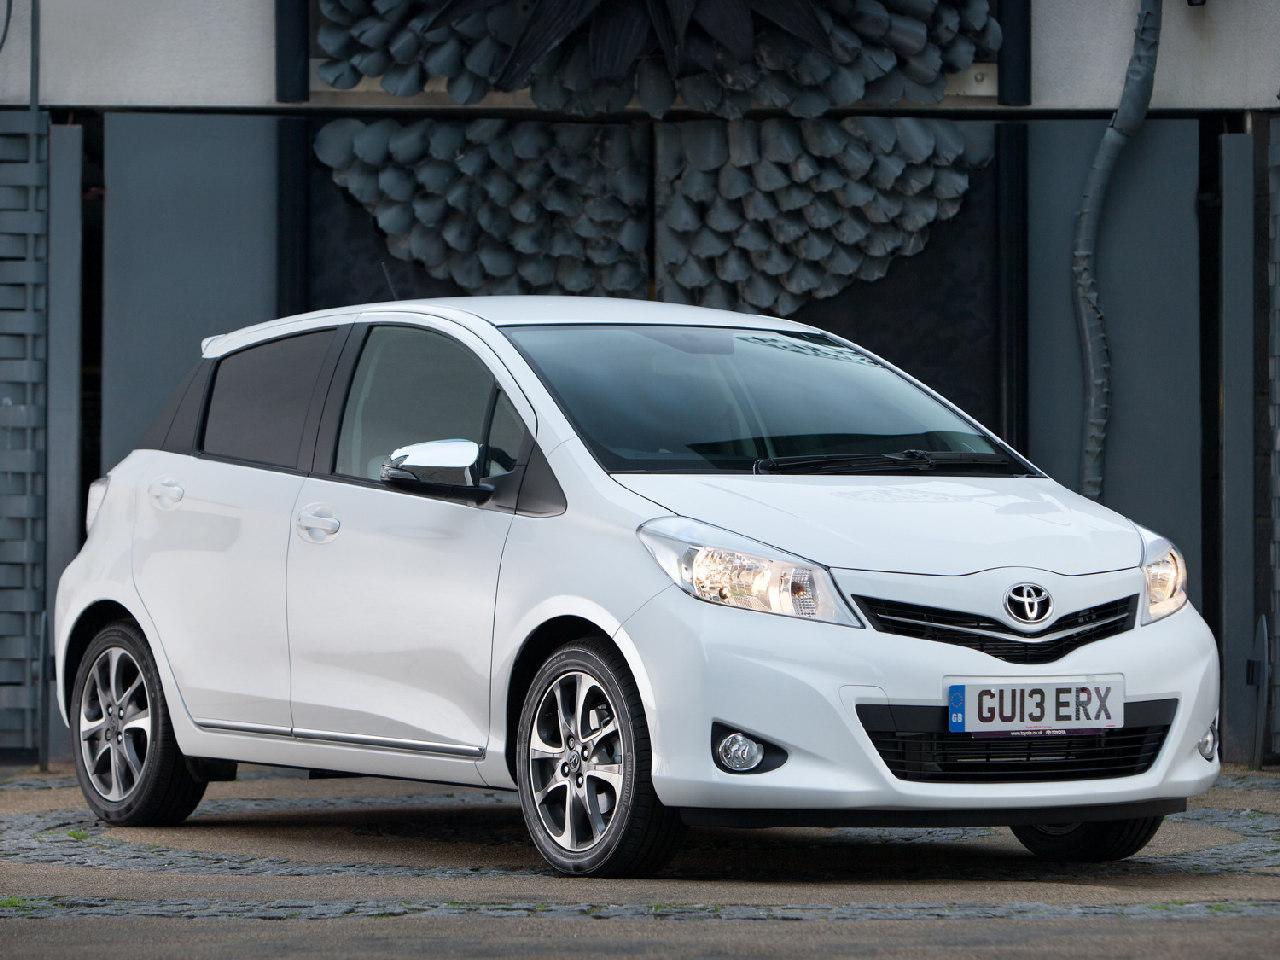 Nuevo Toyota Yaris Soho Dise 241 O En Blanco Y Negro